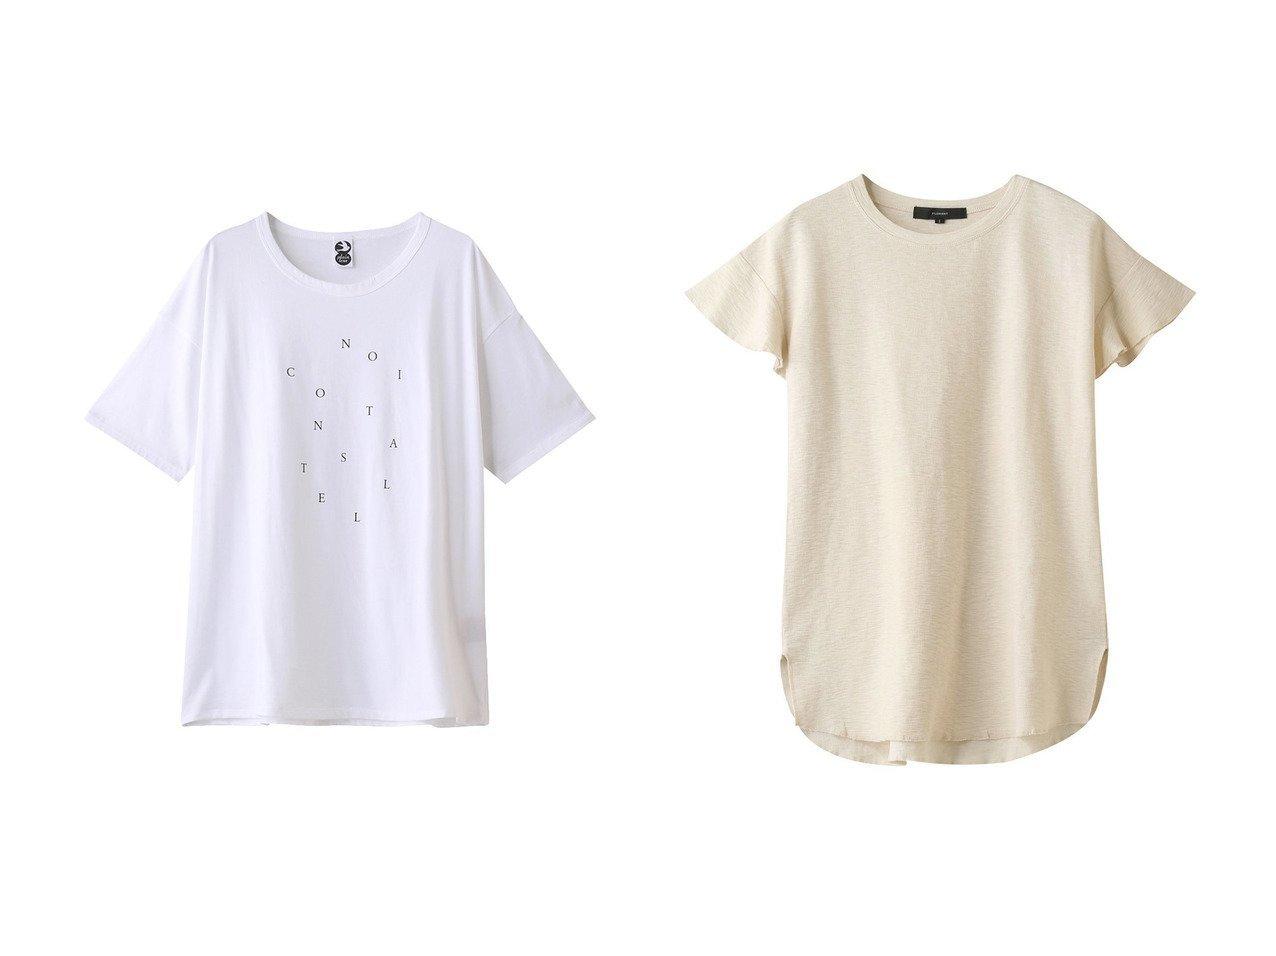 【PLAIN PEOPLE/プレインピープル】の【plainless】プリントTシャツ&【FLORENT/フローレント】のサーフニットTシャツ 【トップス・カットソー】おすすめ!人気、トレンド・レディースファッションの通販  おすすめで人気の流行・トレンド、ファッションの通販商品 メンズファッション・キッズファッション・インテリア・家具・レディースファッション・服の通販 founy(ファニー) https://founy.com/ ファッション Fashion レディースファッション WOMEN トップス・カットソー Tops/Tshirt シャツ/ブラウス Shirts/Blouses ロング / Tシャツ T-Shirts カットソー Cut and Sewn ニット Knit Tops ショート シンプル スリーブ プリント ランダム 半袖 |ID:crp329100000034085